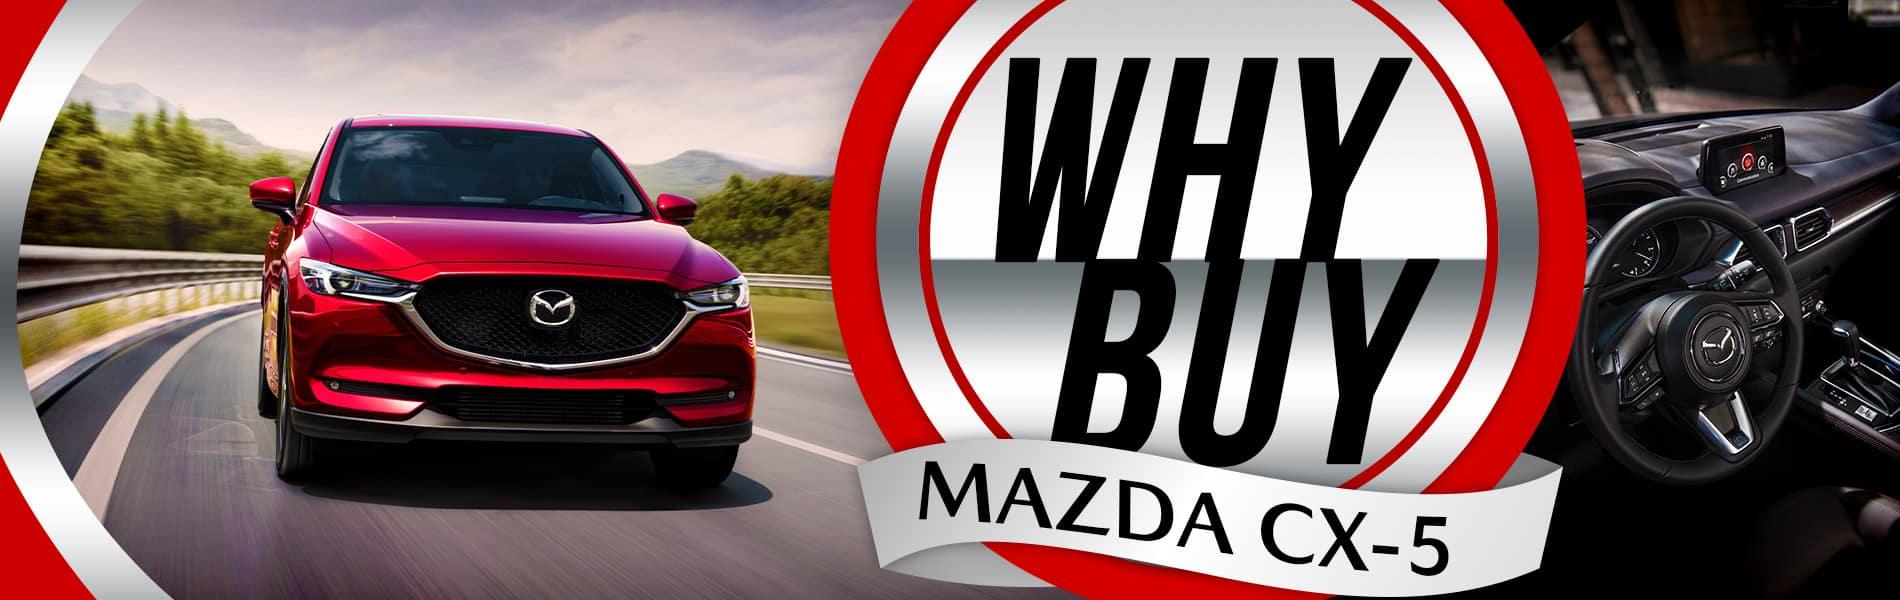 Why buy the 2019 Mazda CX-5 - Mazda of Bedford - Bedford, OH